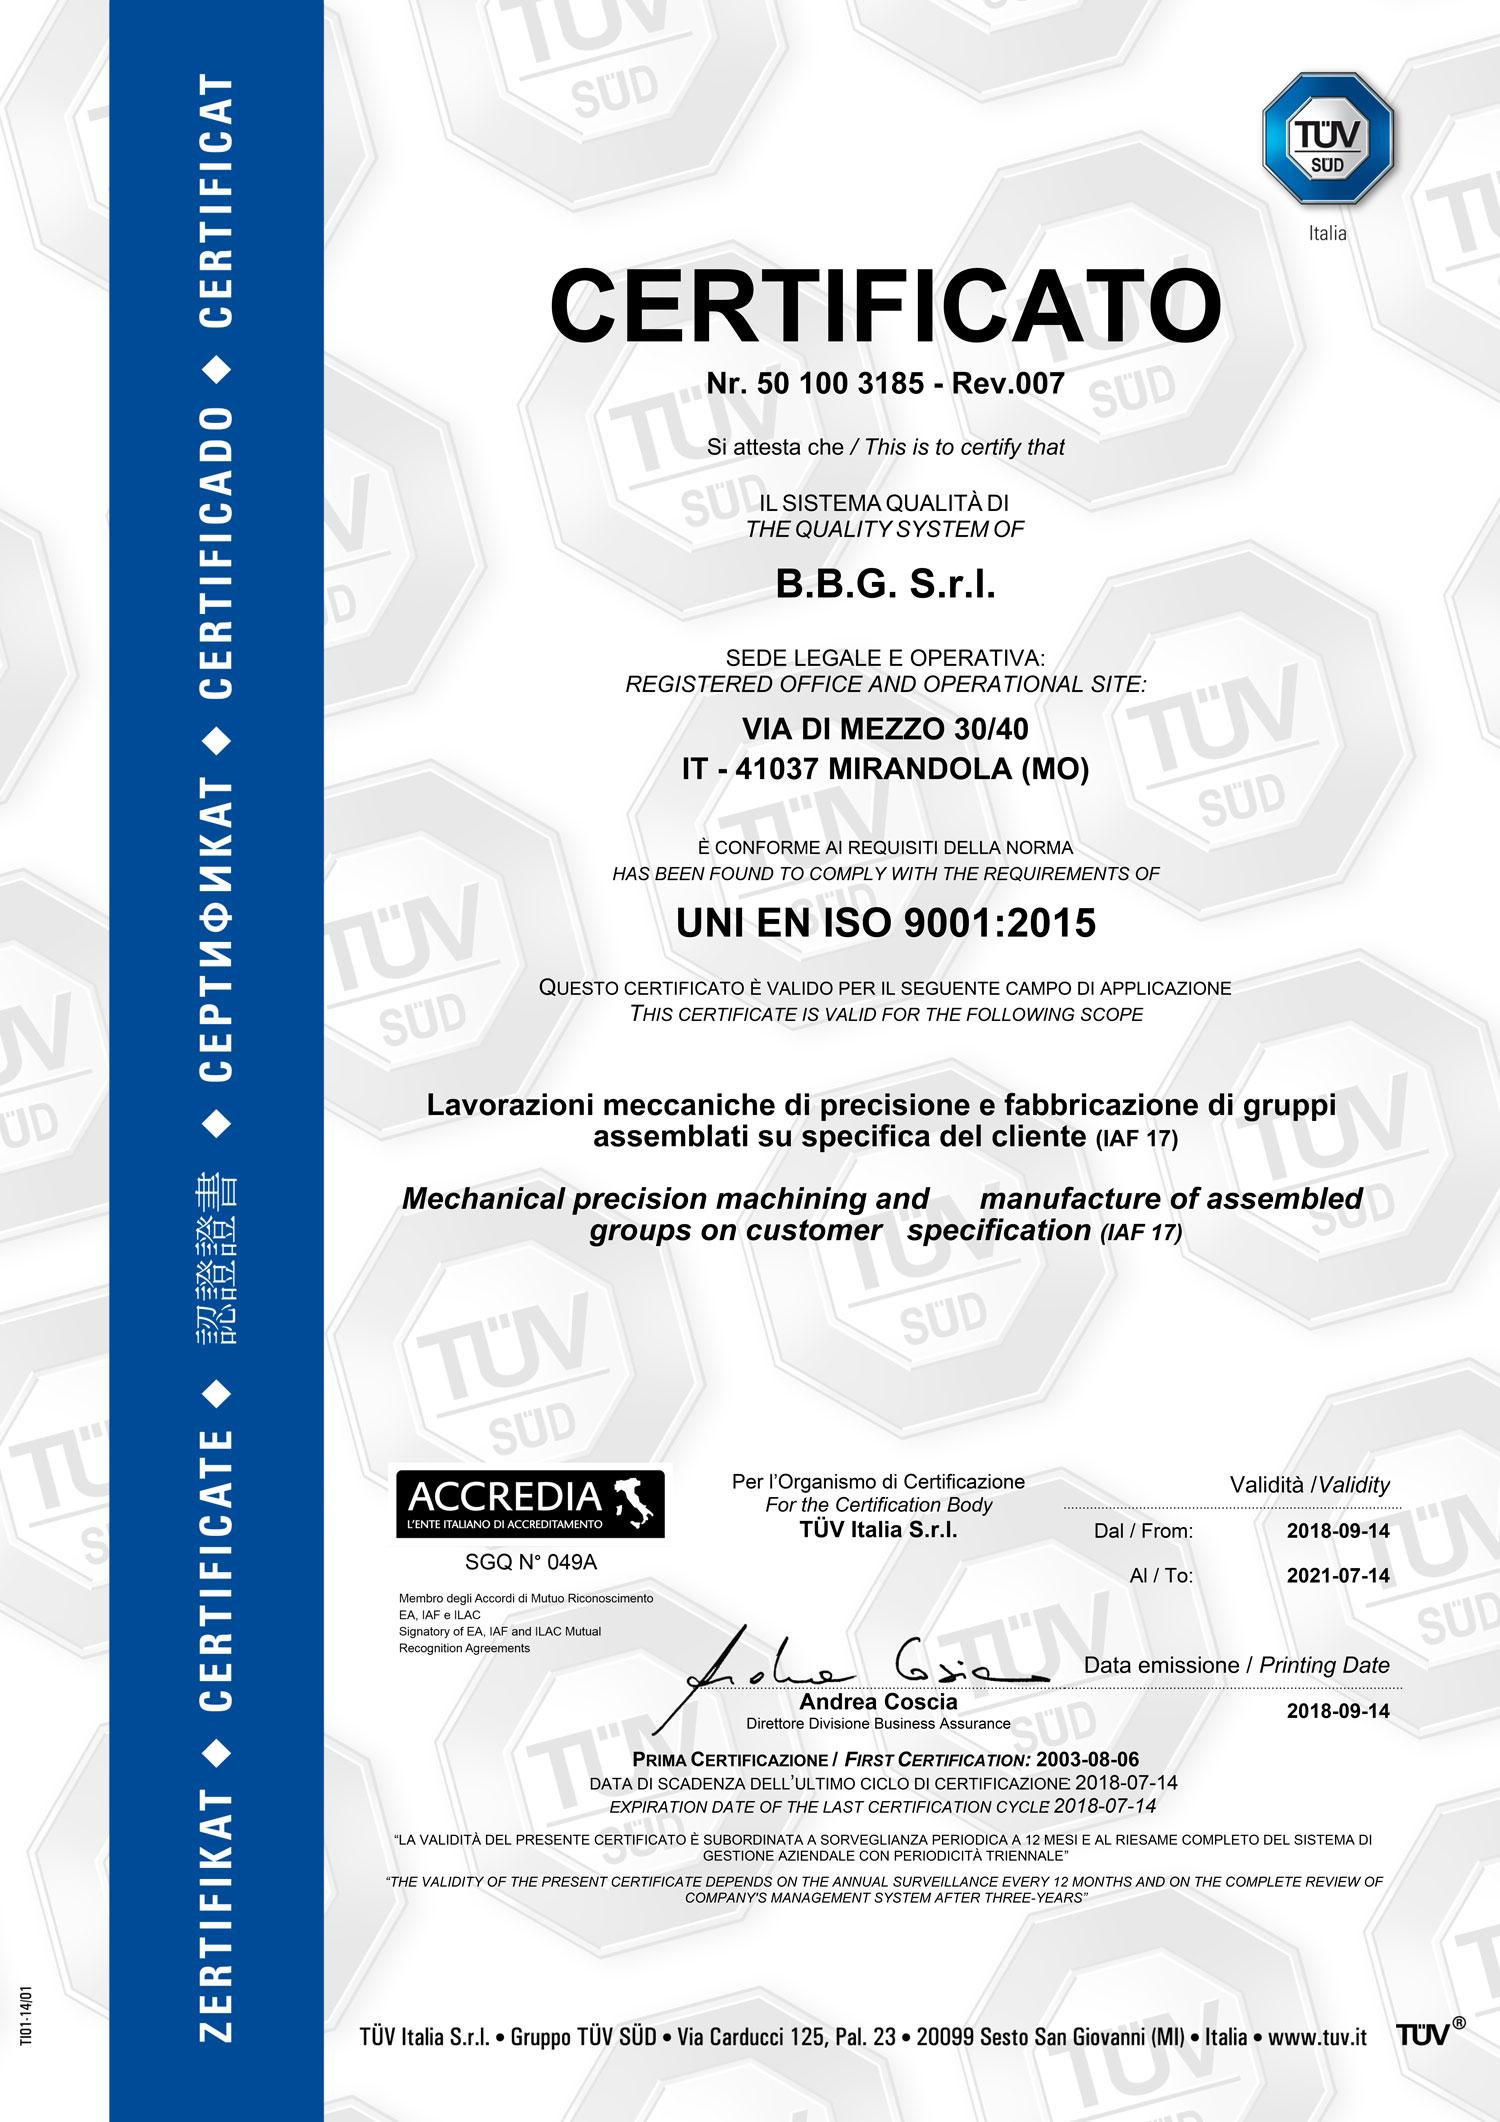 Cert3185-Rev.007Order722104088(Rina9k)